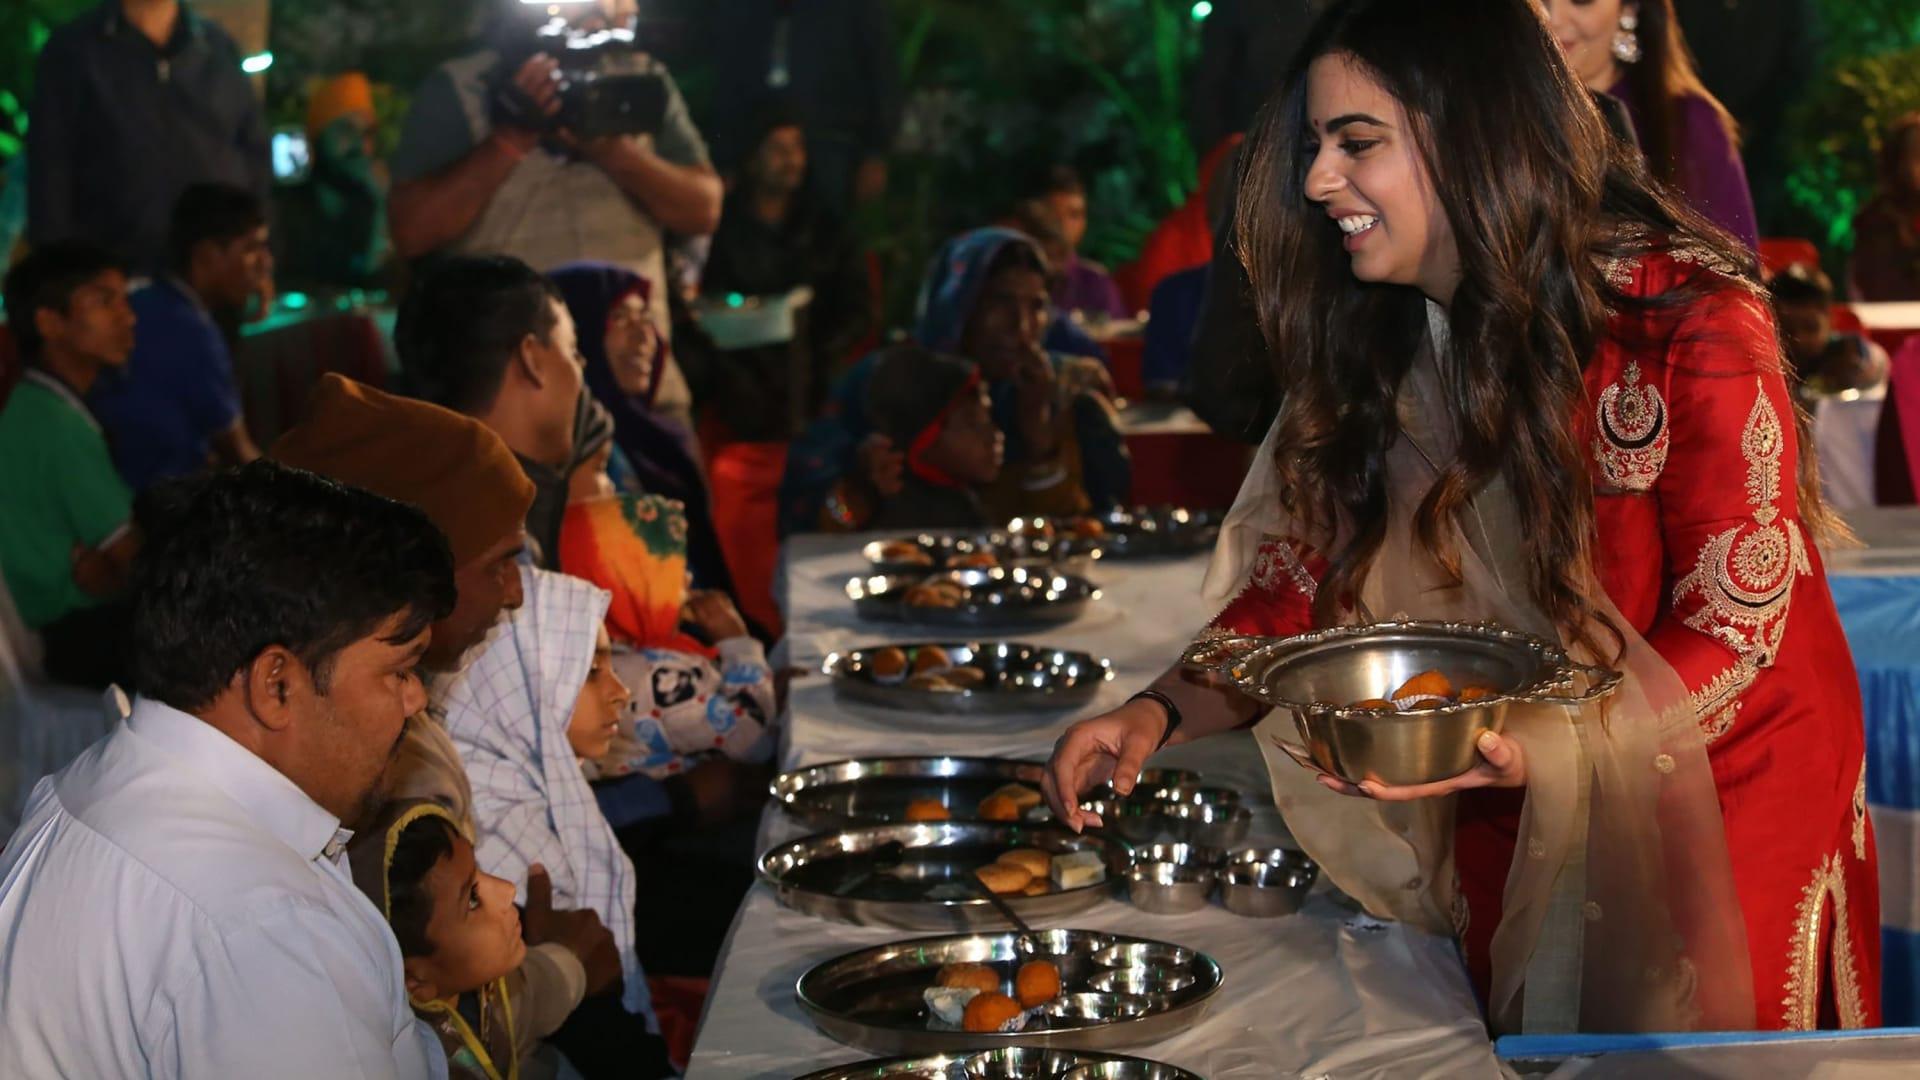 """إيشا أمباني تقدم الطعام للضيوف خلال طقوس """"أنا سيفا"""" قبل زفافها من أناند بيرامال."""